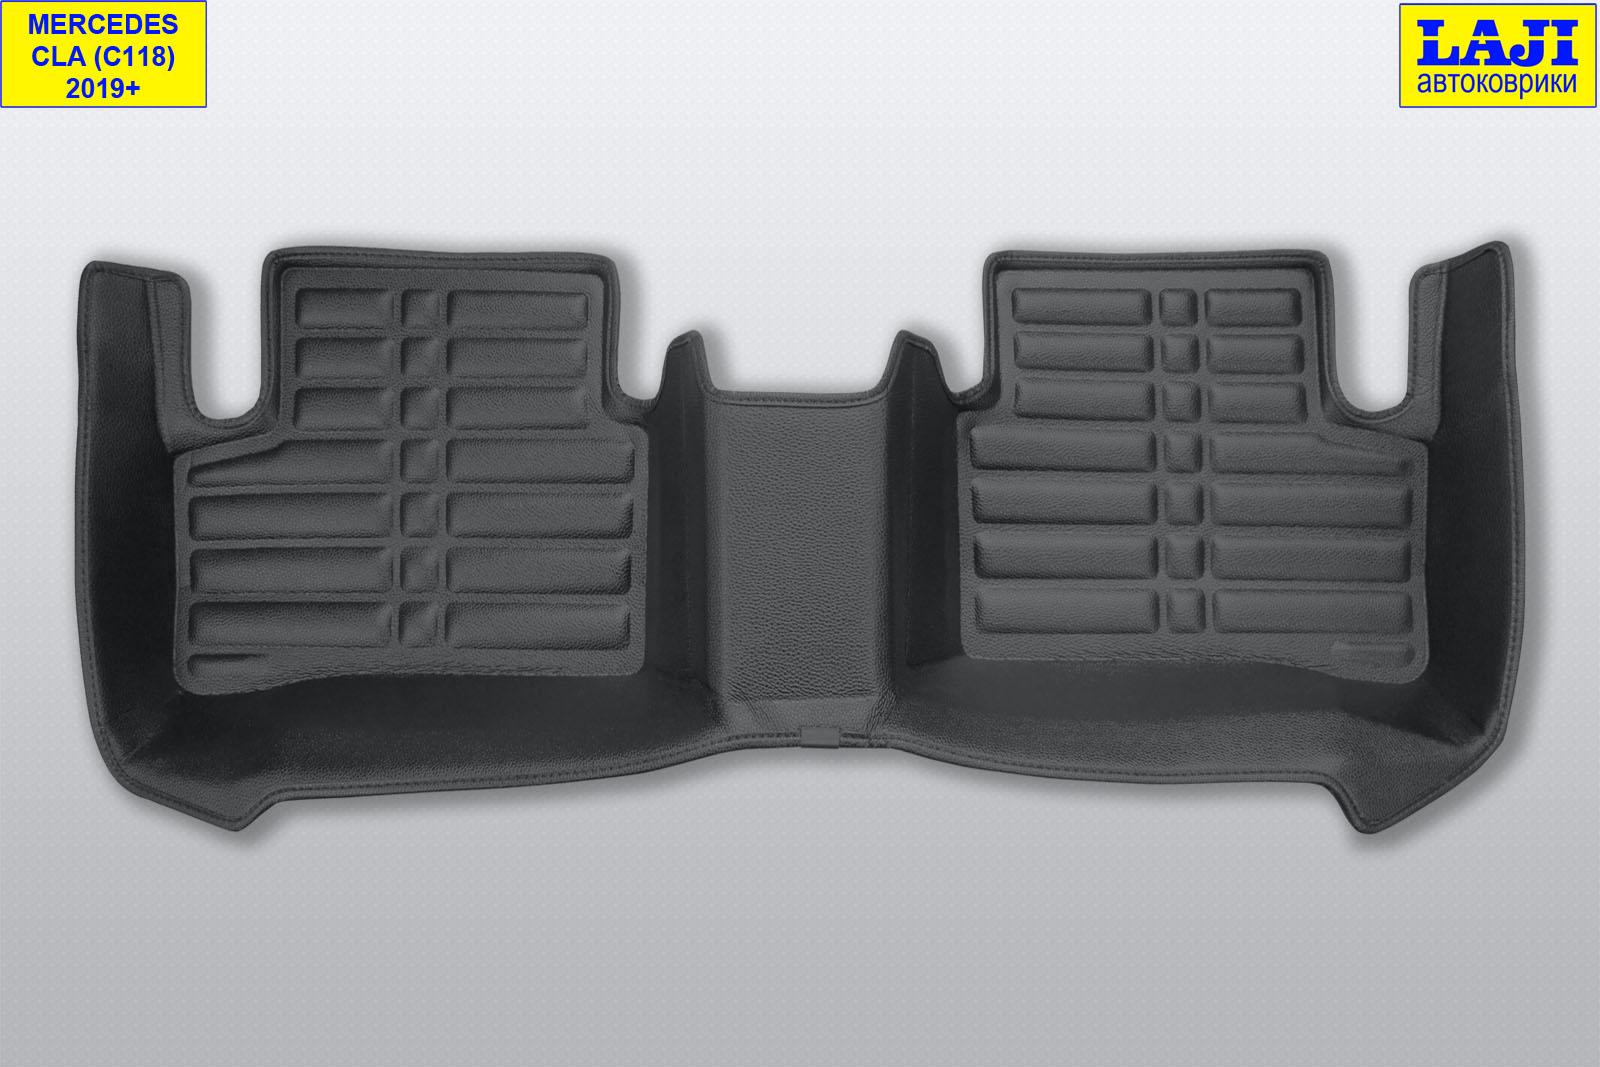 5D коврики в салон Mercedes CLA C118 2019-н.в. 10